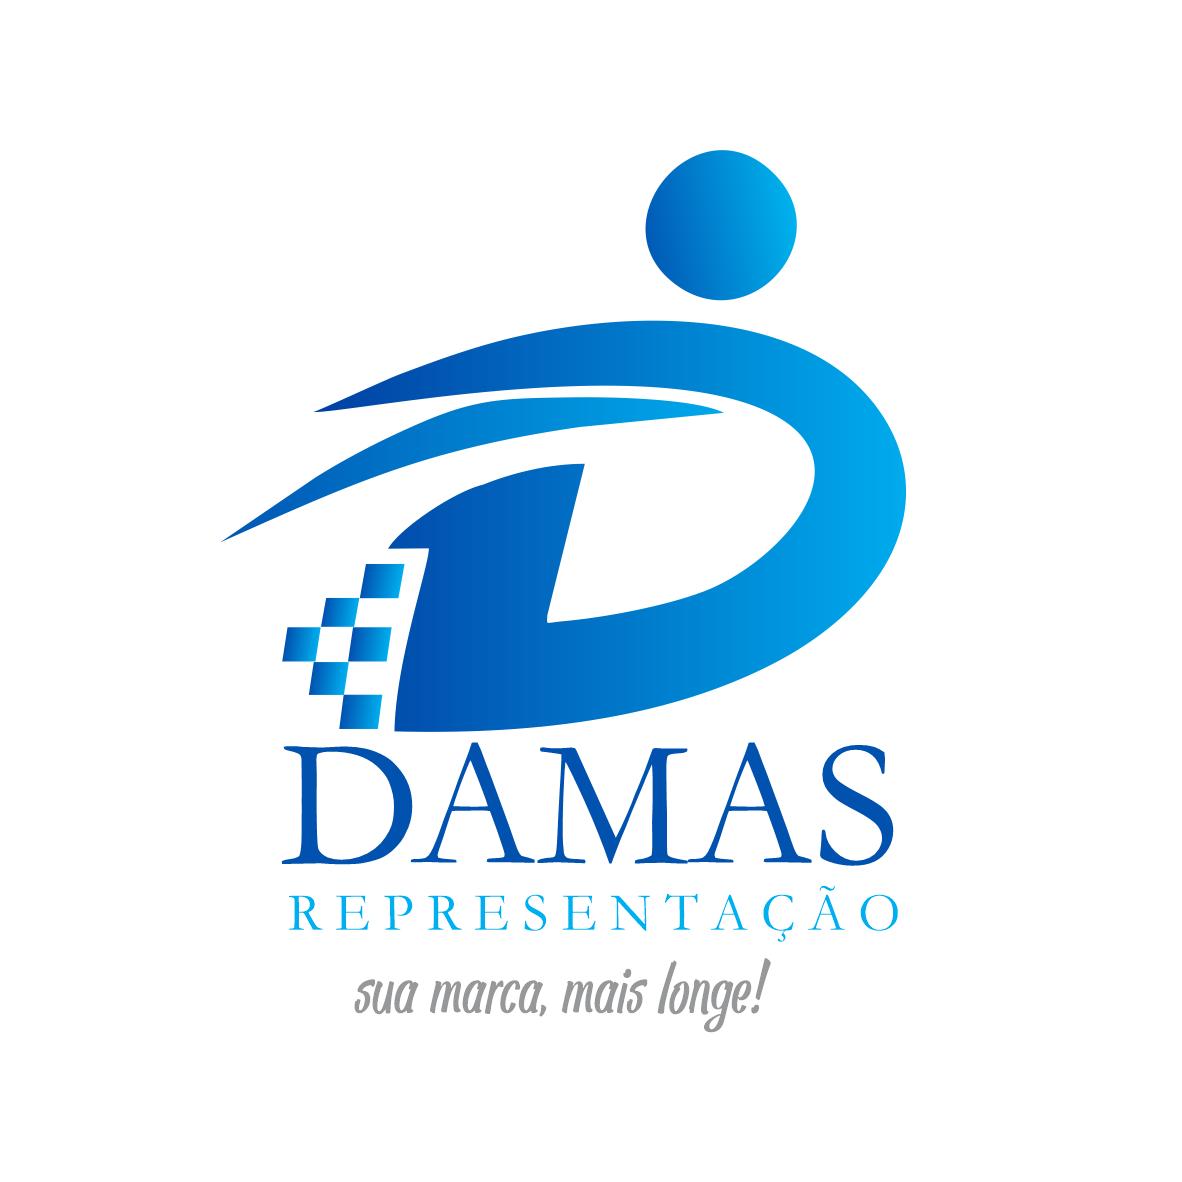 Logotipo Logomarca Representação Comercial